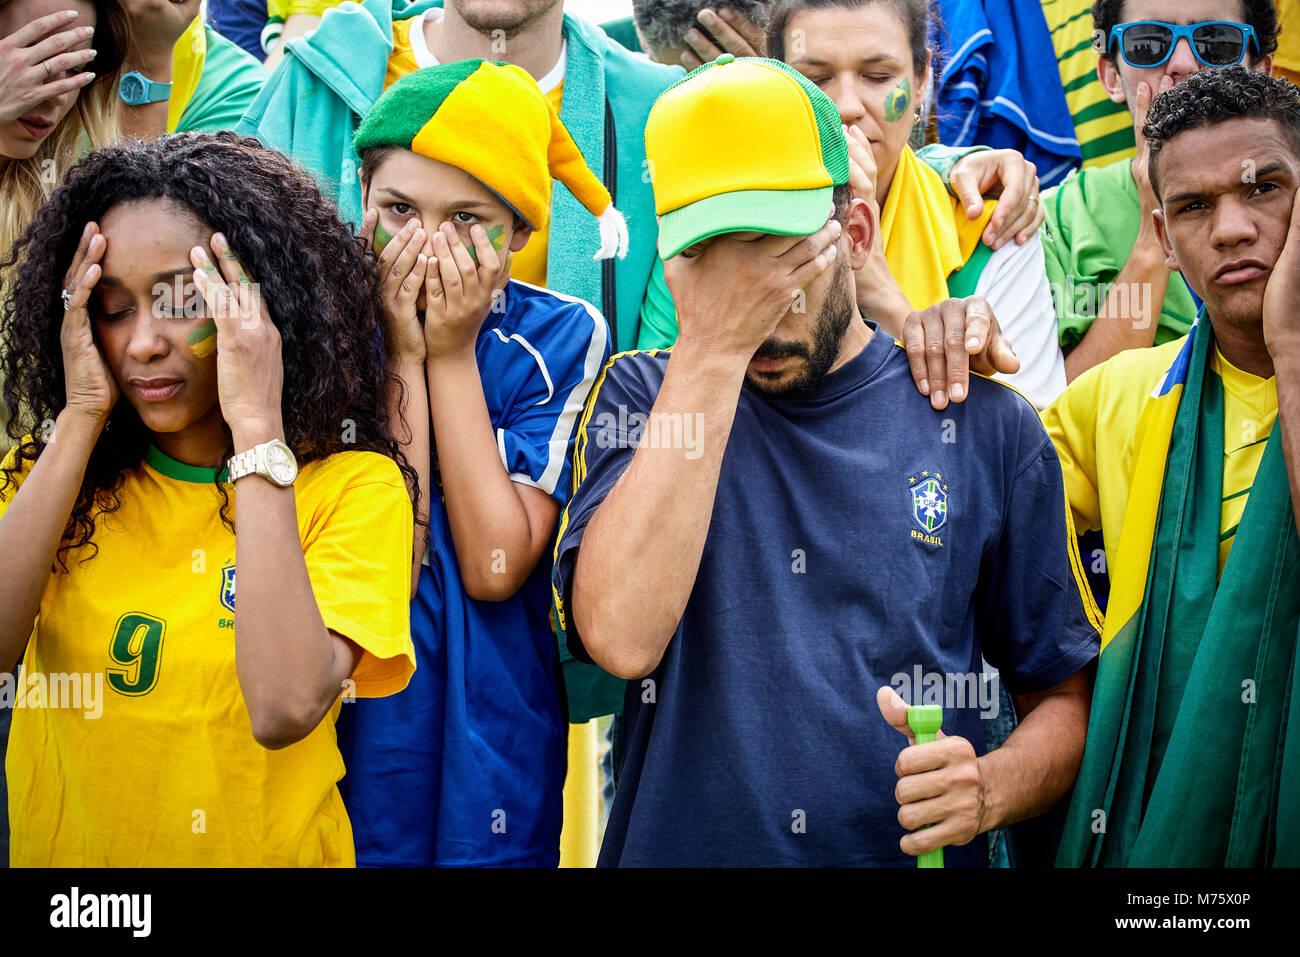 Brasilianischen Fußball-Fans suchen enttäuscht Bei match Stockbild